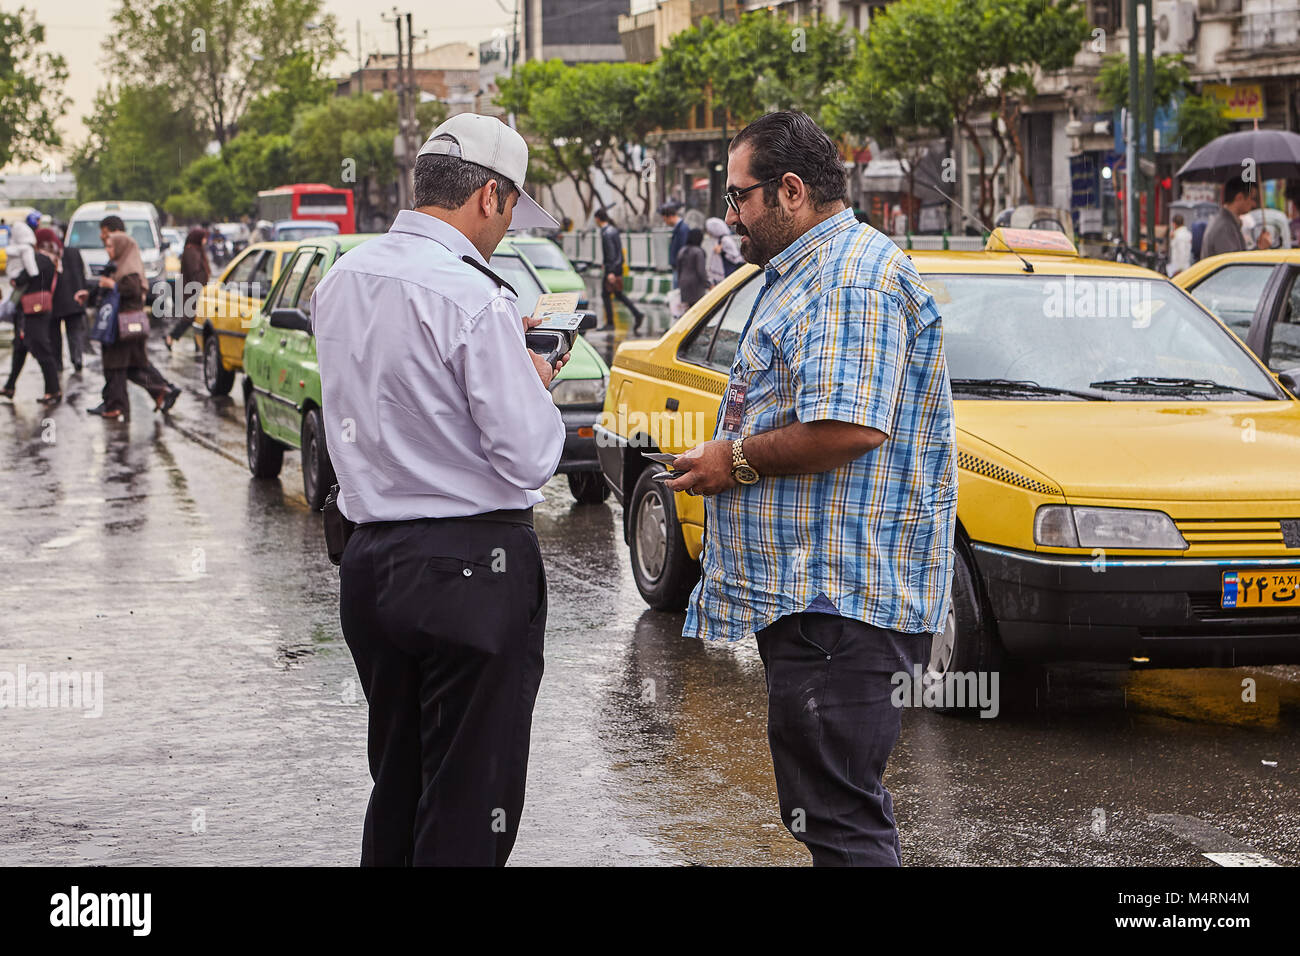 Teherán, Irán - Abril 29, 2017: la policía iraní en la calle comprueba la licencia de conducir Imagen De Stock